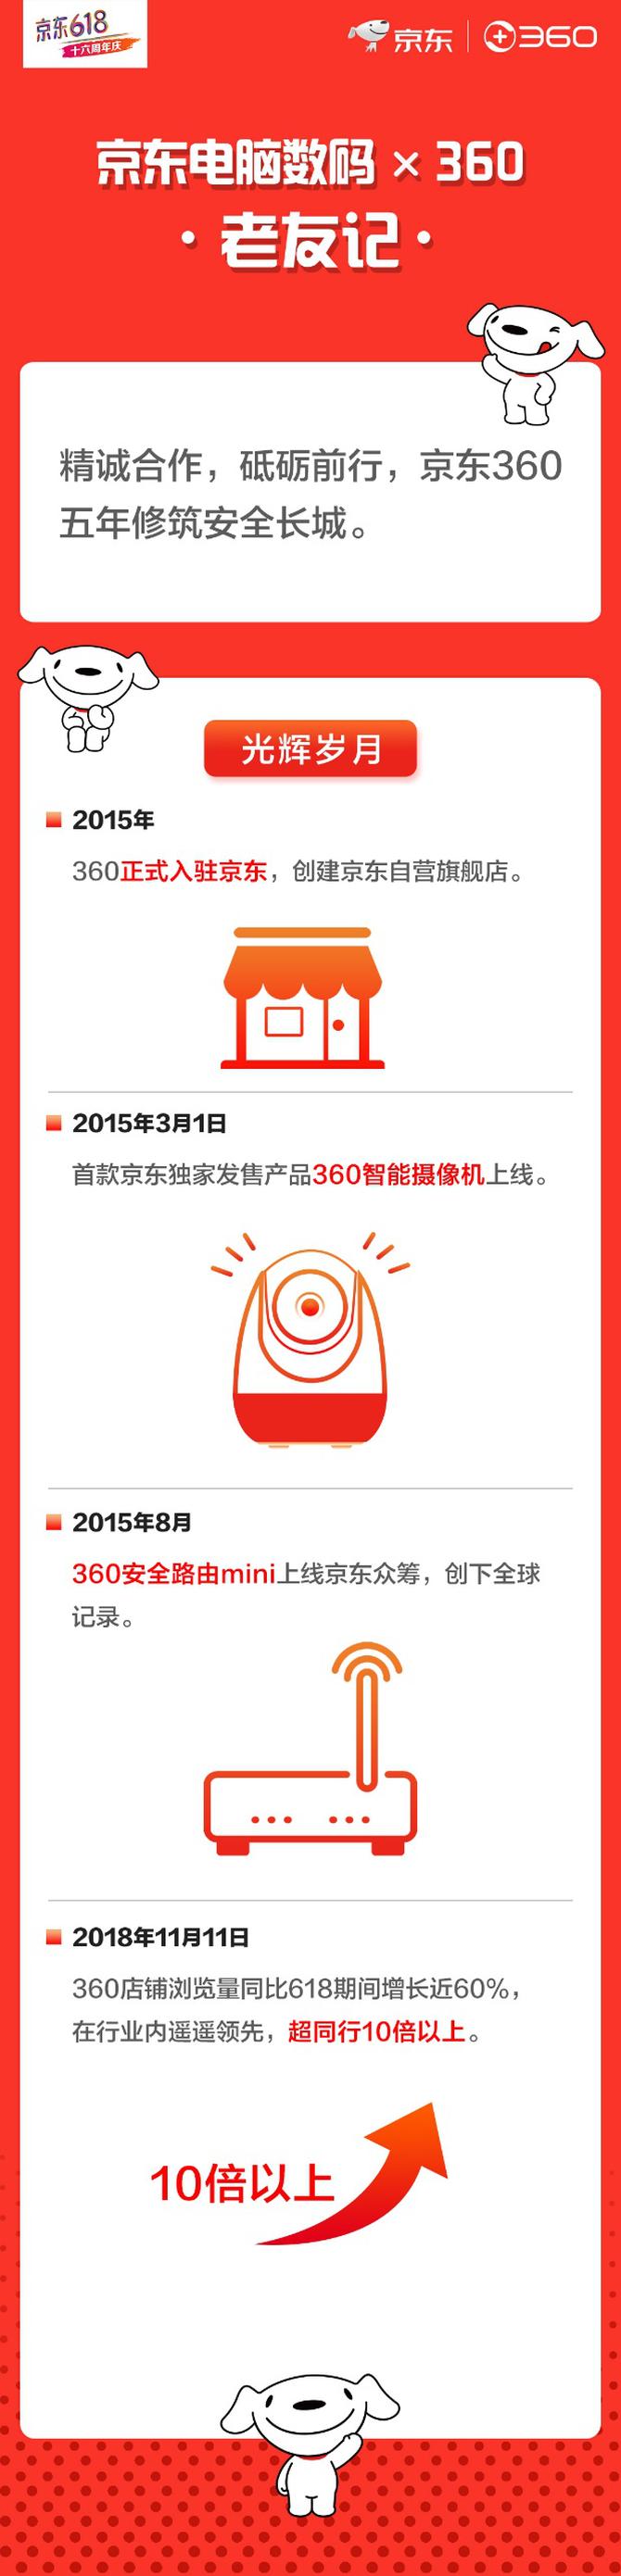 京东618打响智能安全保卫战 360旗下全线产品同发力